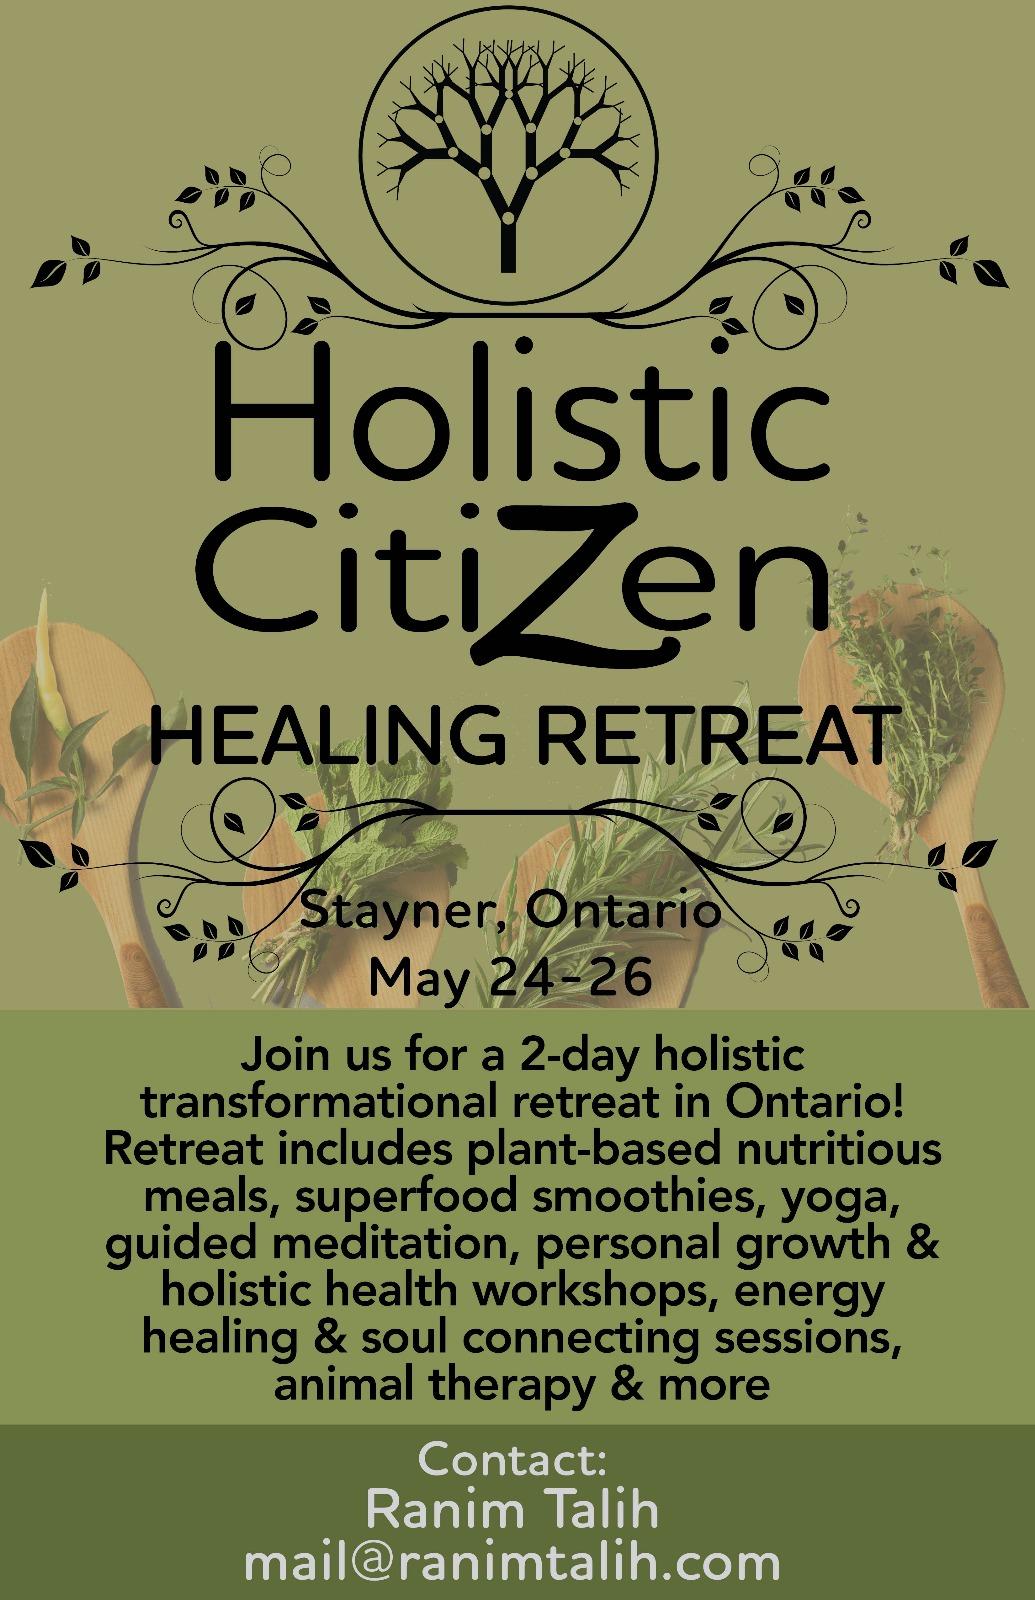 Holistic citizen flyer